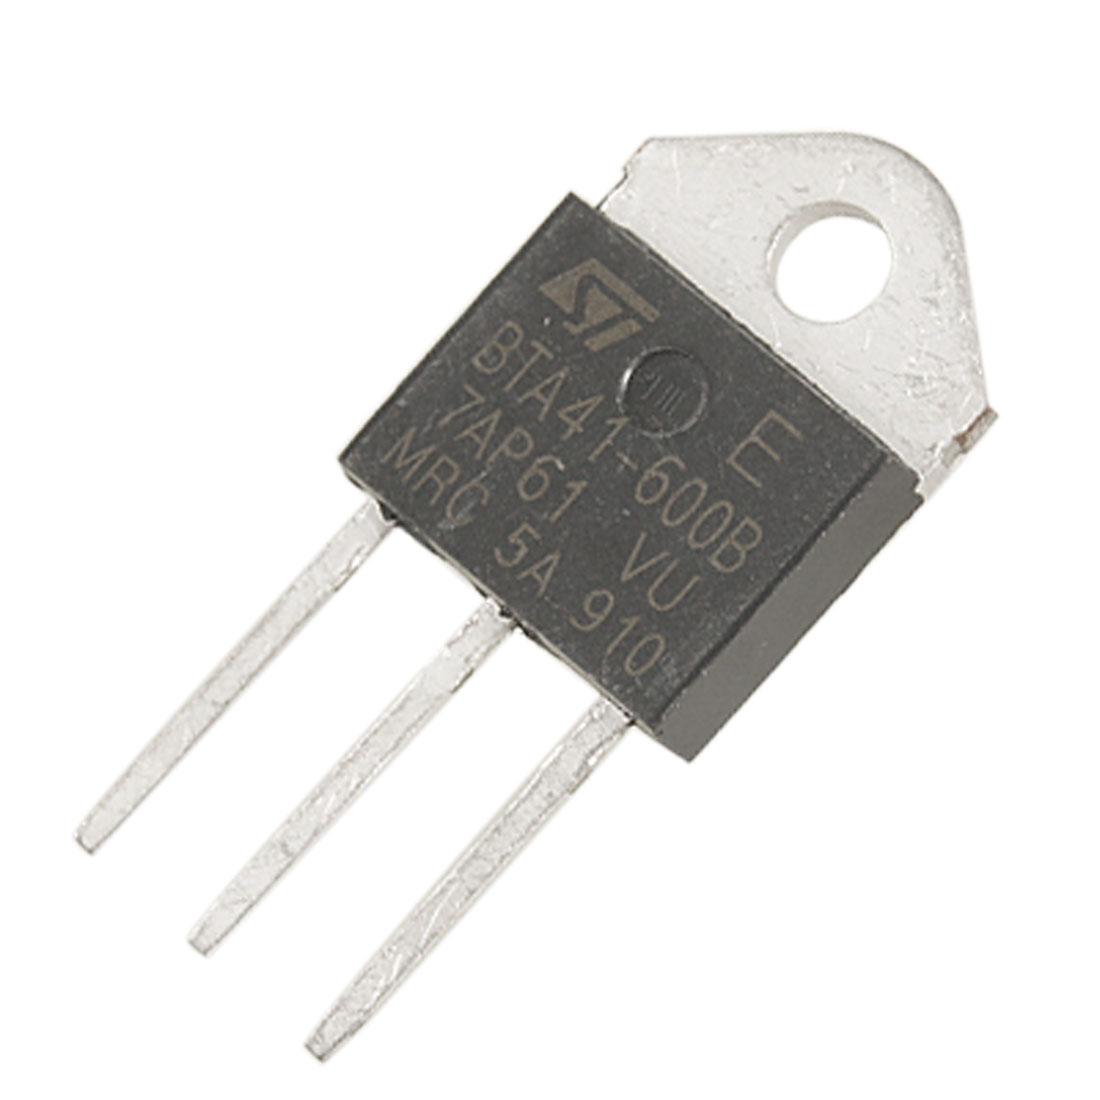 BTA41-600B 600V 40A Silicon Controller Rectifier Standard Triac